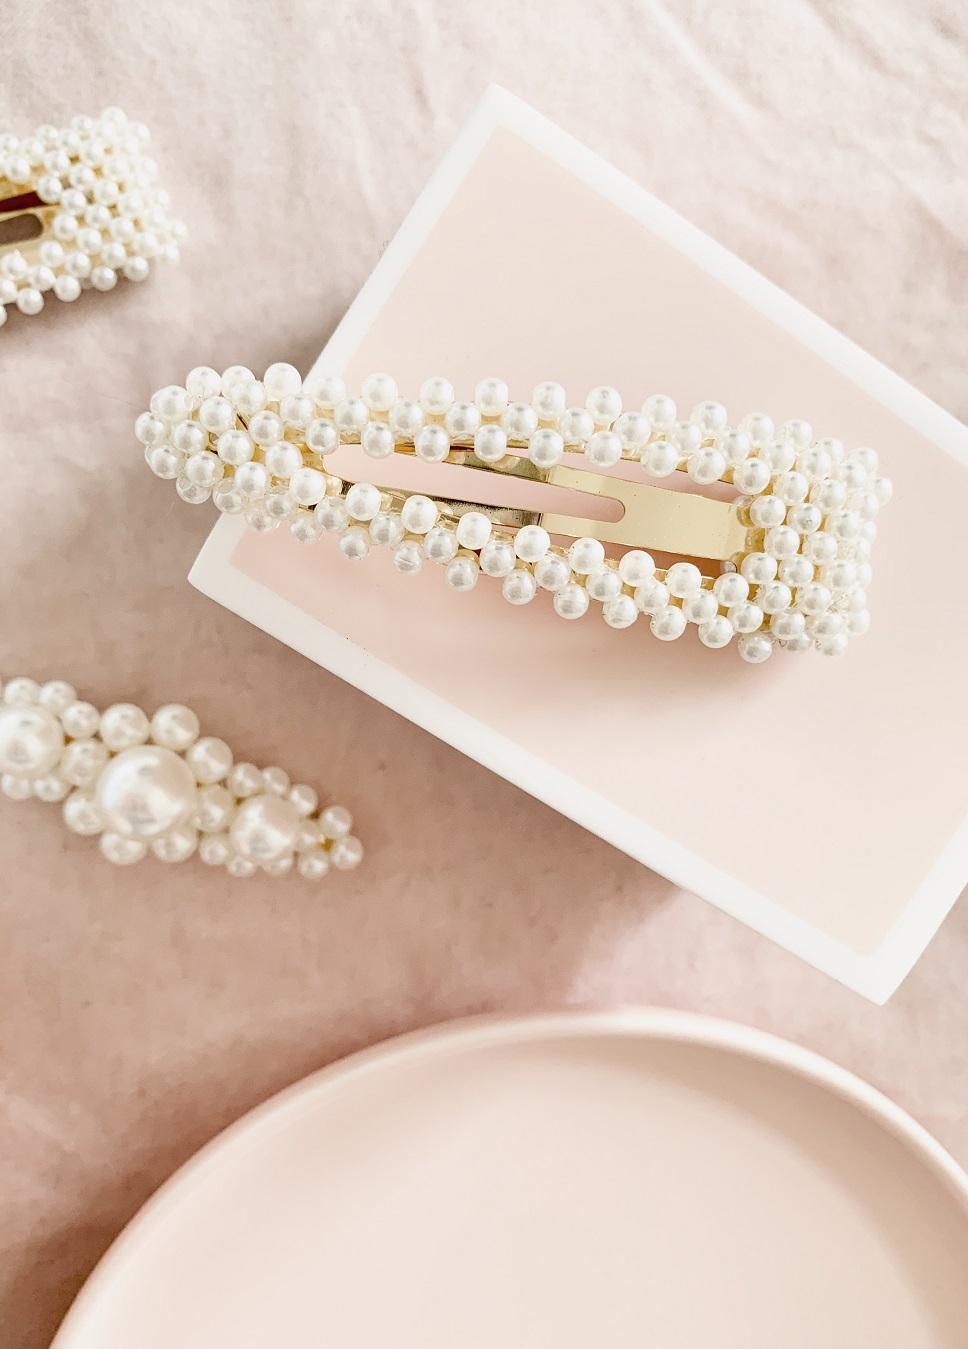 Pearl bridal hair clips